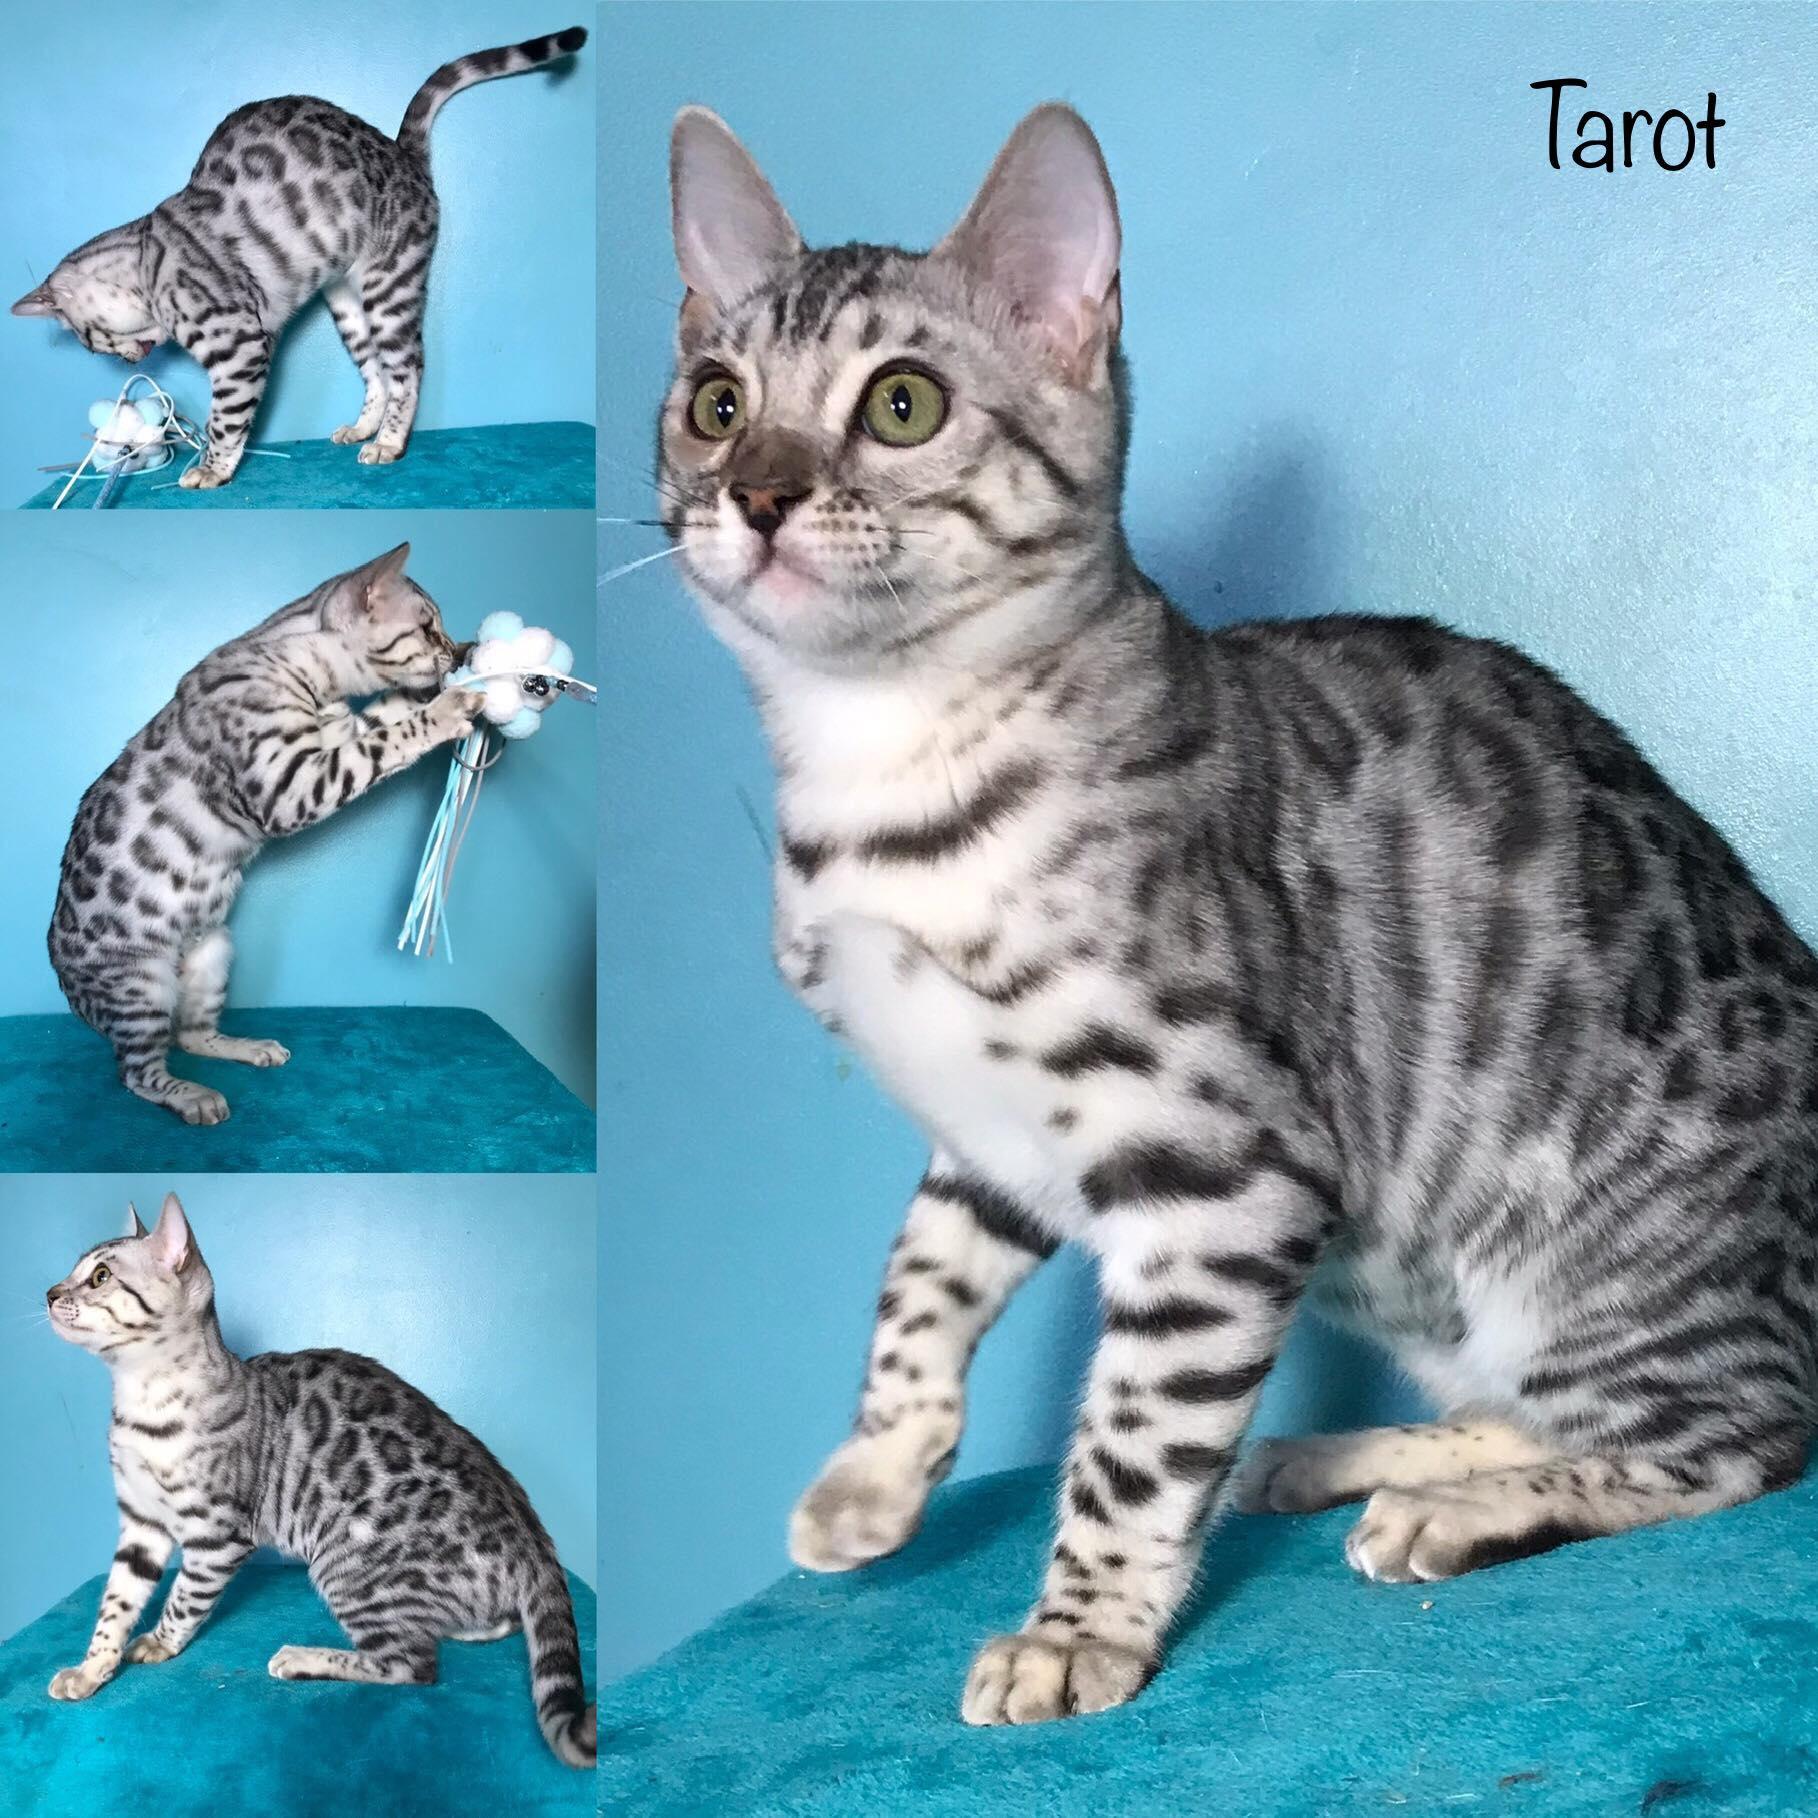 Tarot 18 weeks